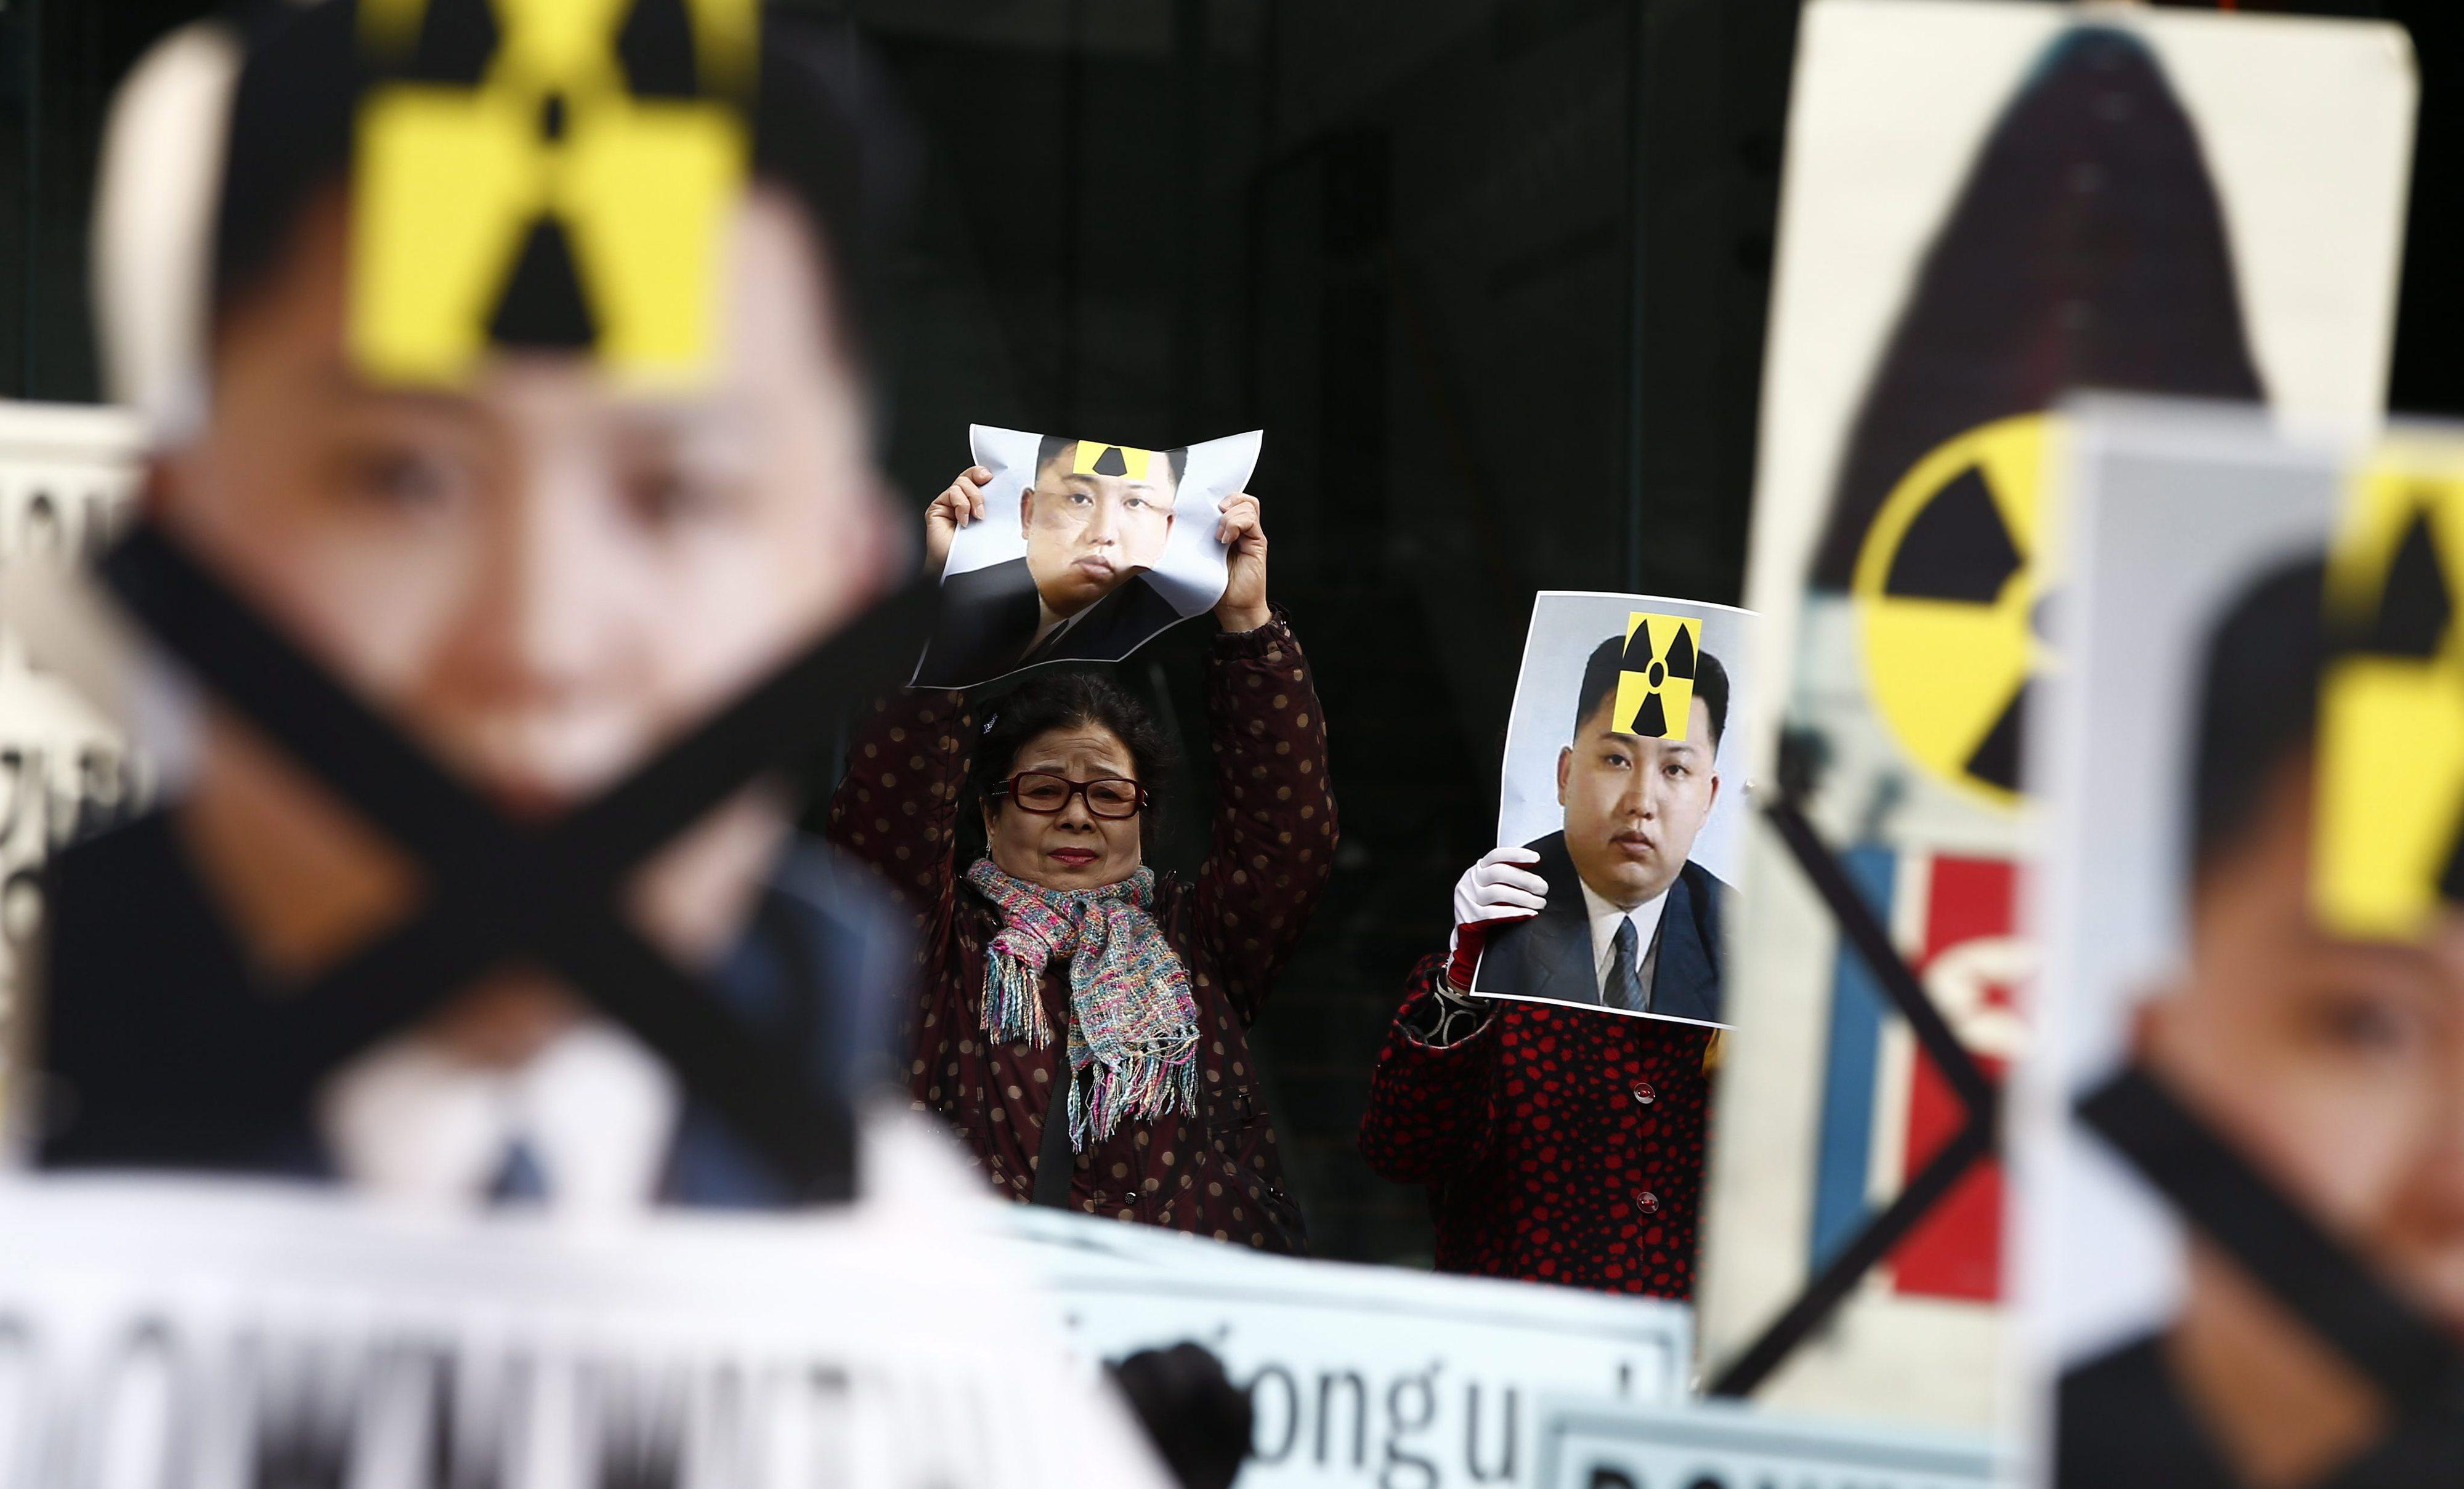 EUA enviam submarino nuclear para Coreia do Sul após lançamento de míssil norte-coreano